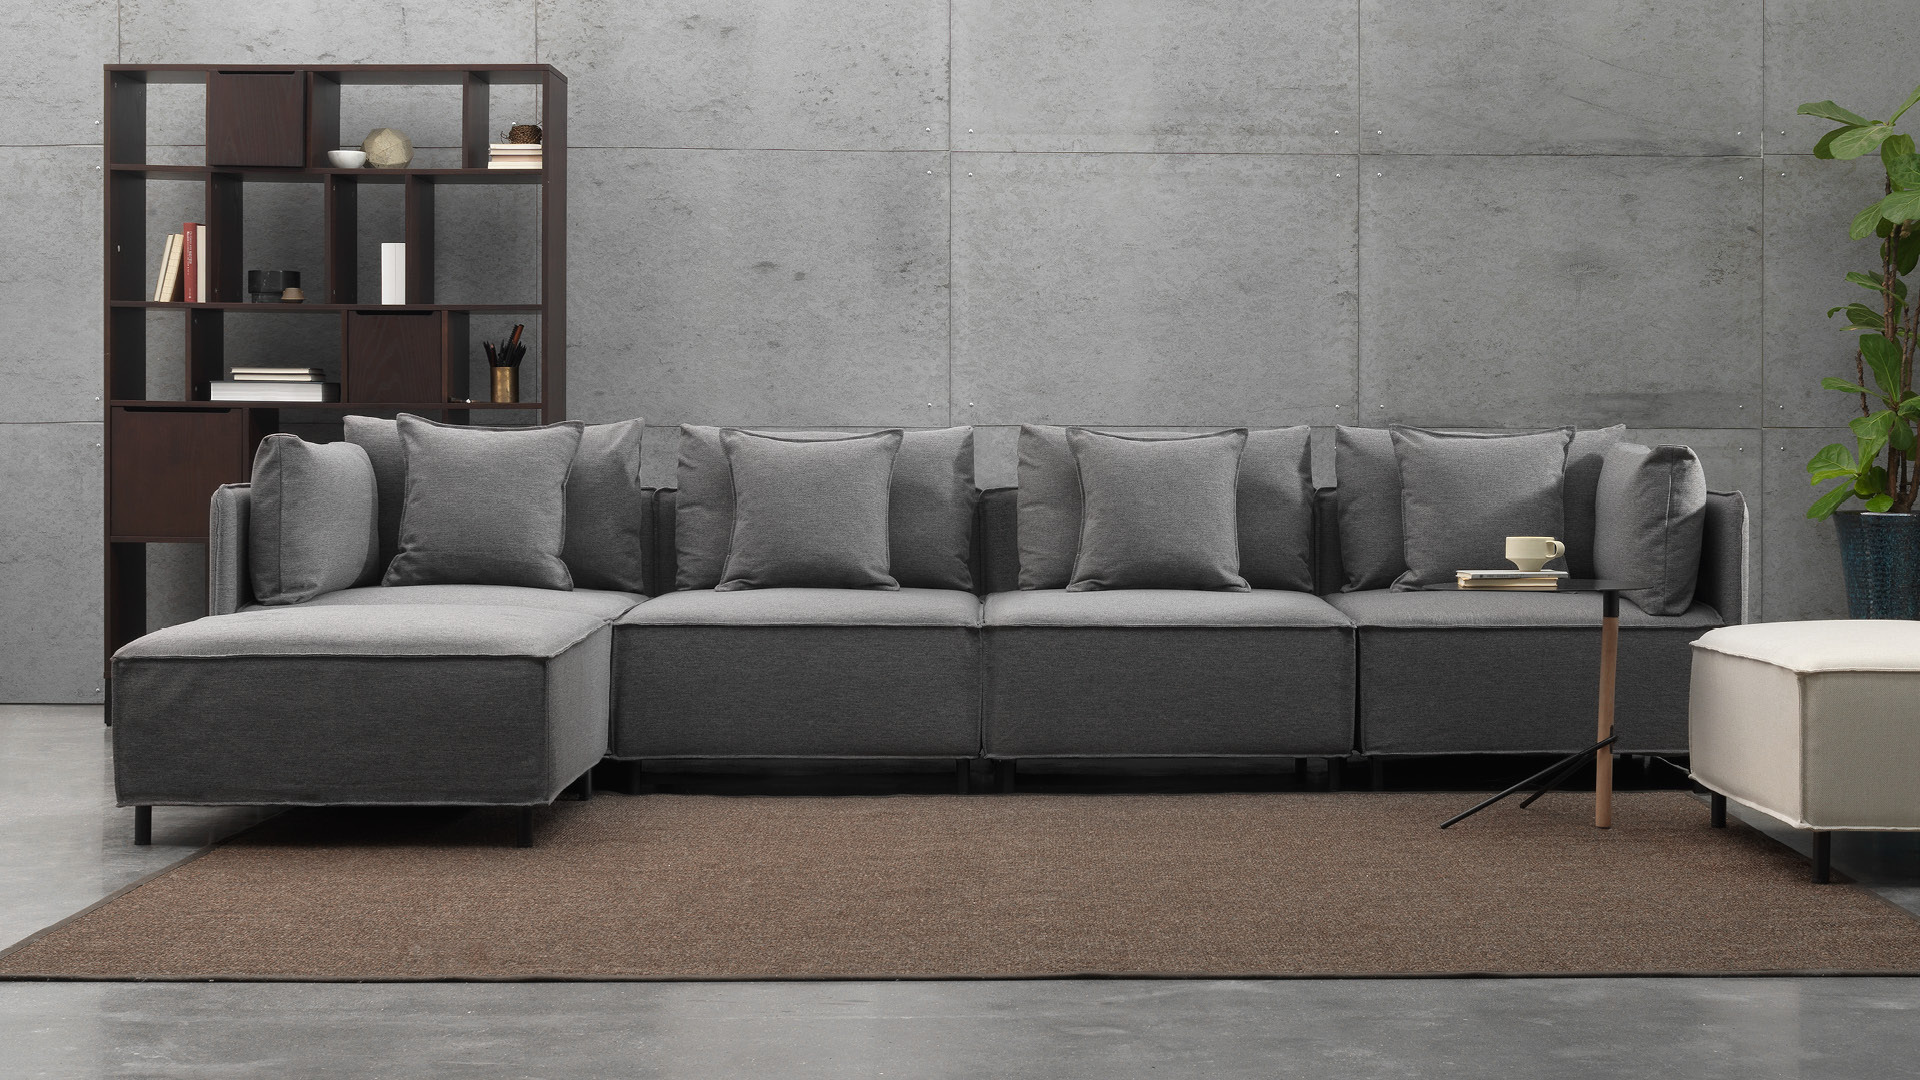 全尺寸+超舒适坐感,适应15㎡~30㎡标准客厅